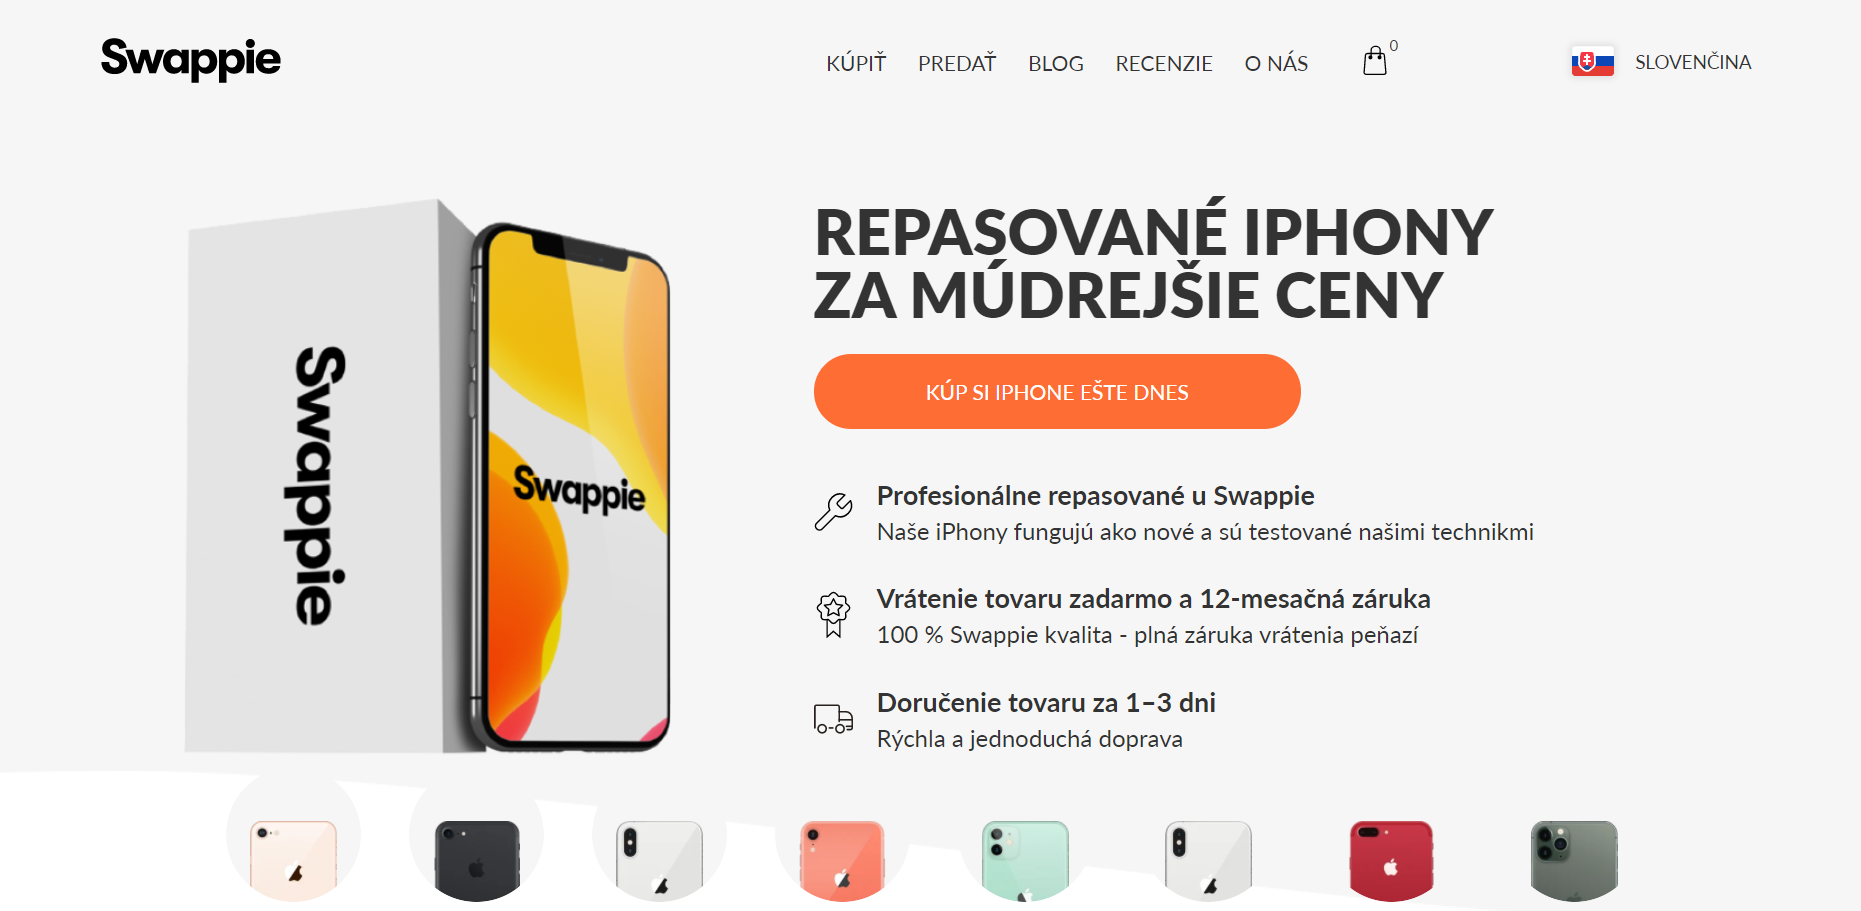 Swappie ponúka repasované iPhony za múdrejšie ceny